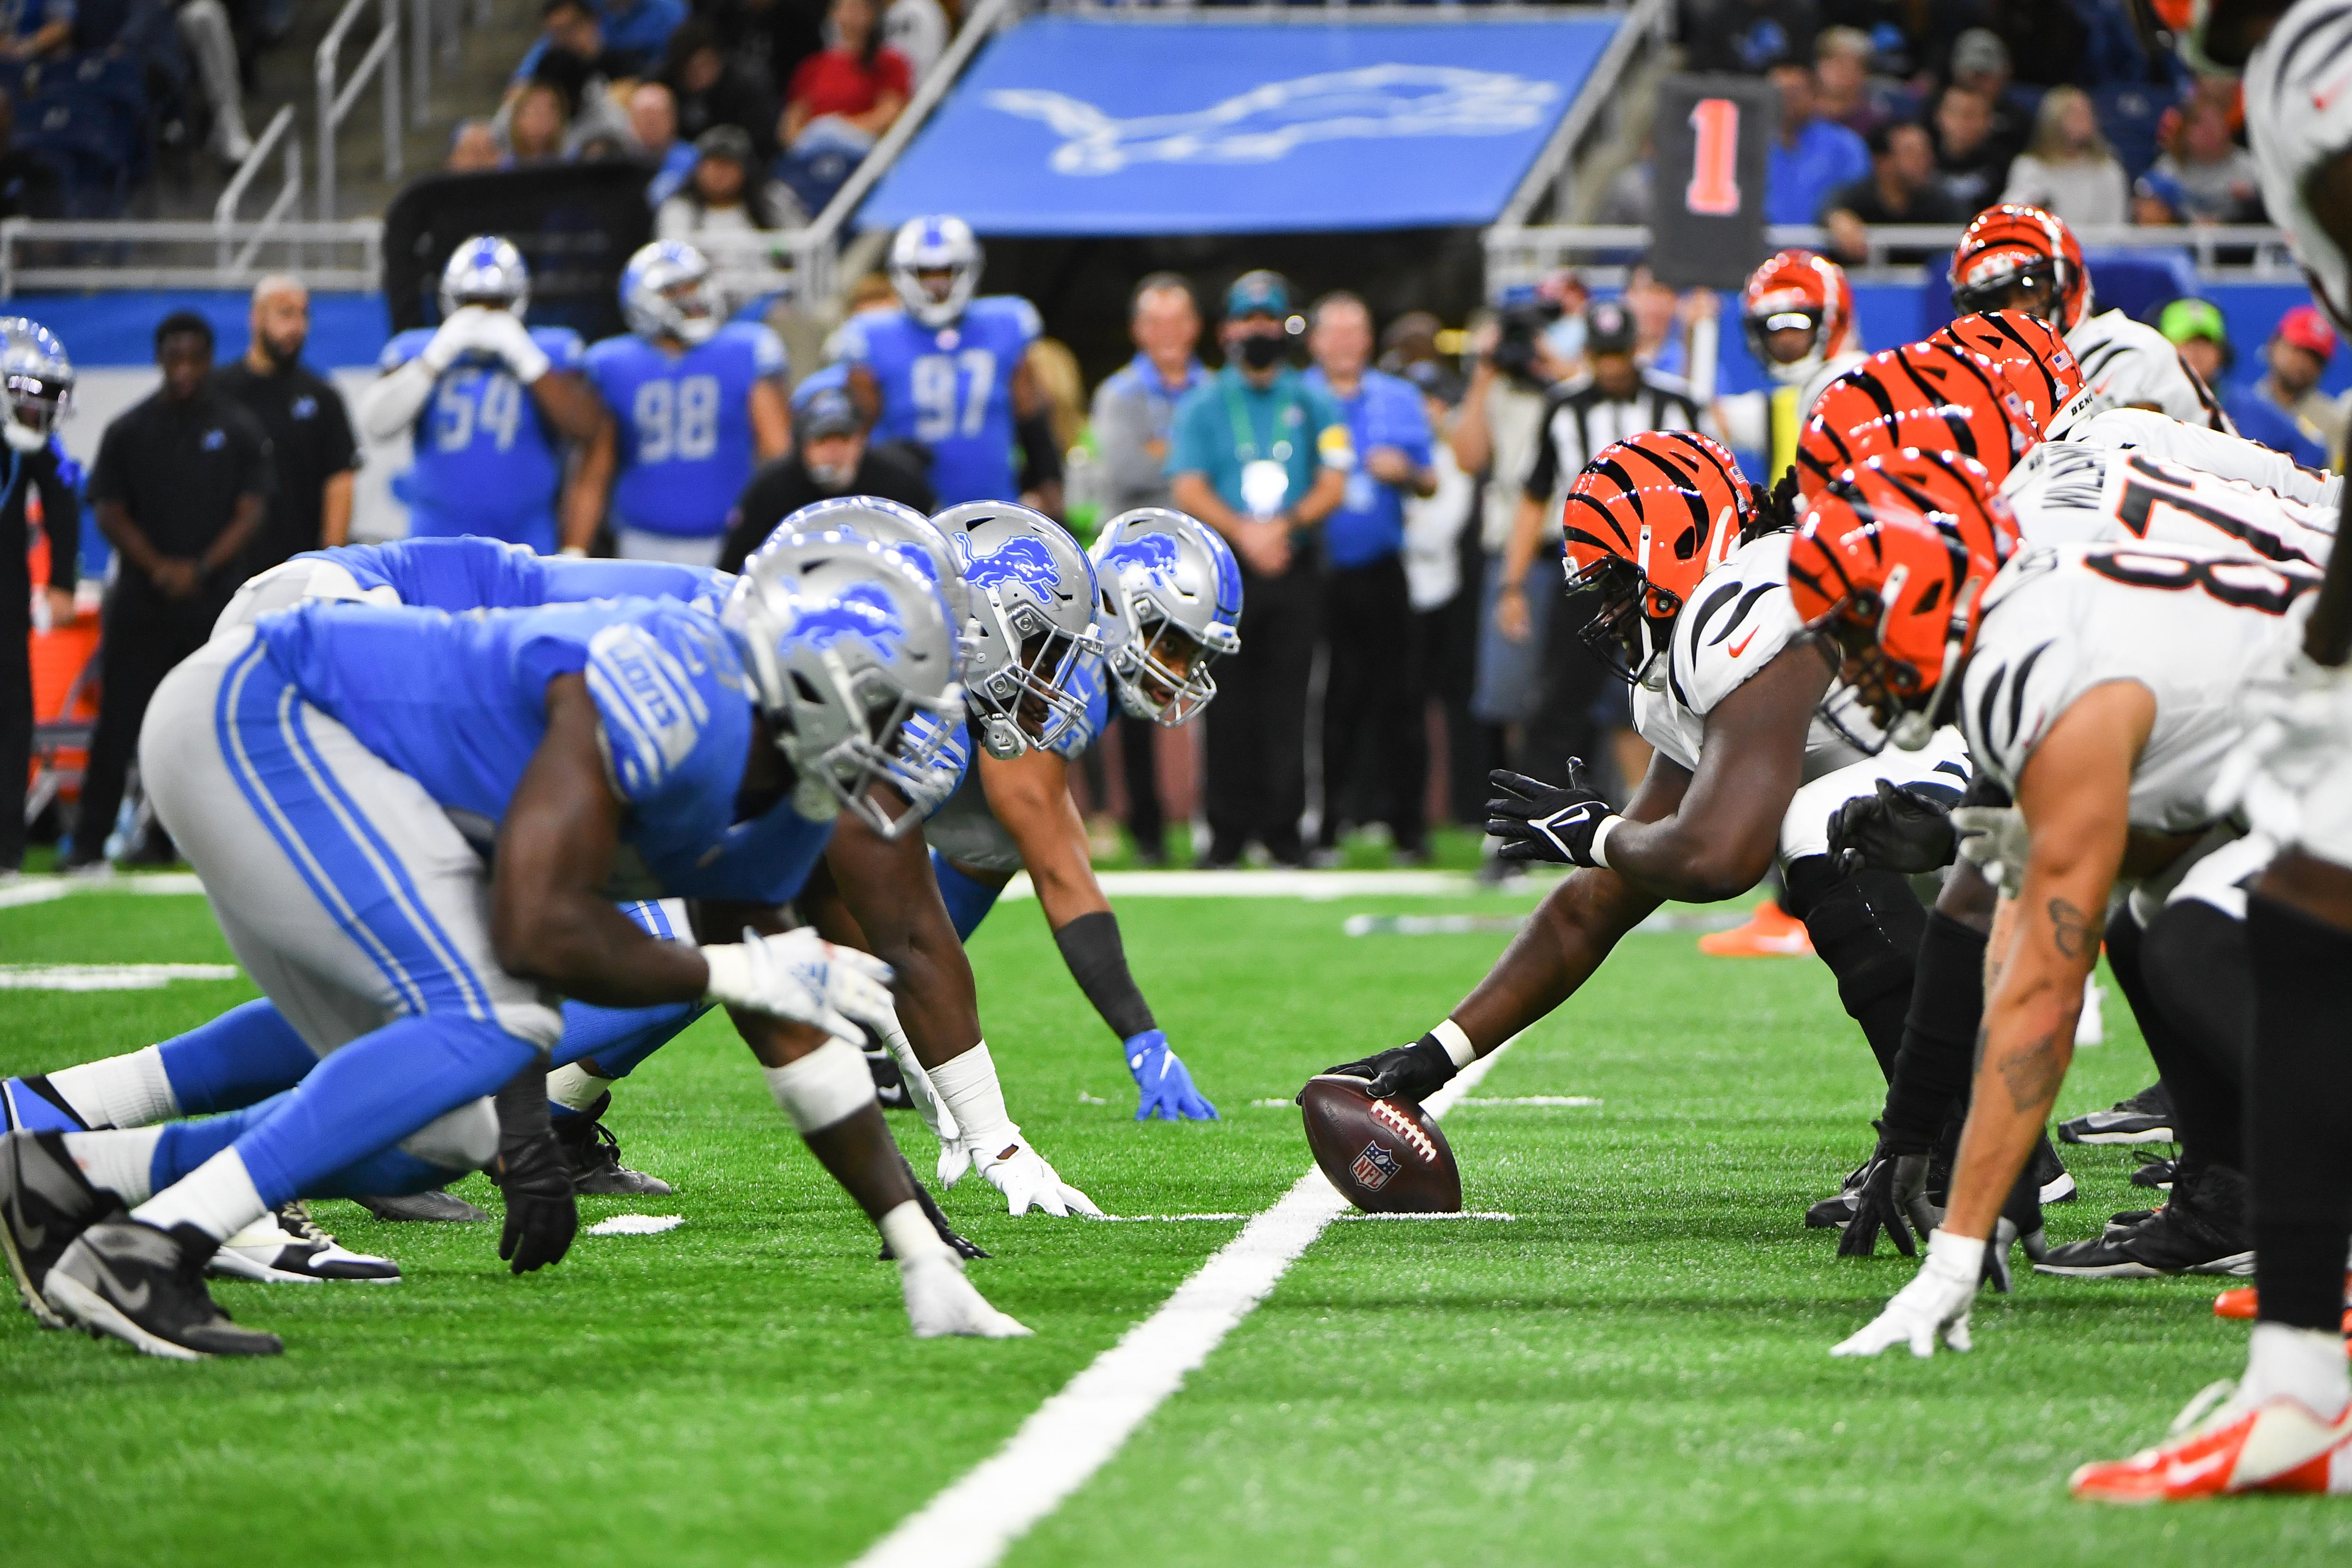 NFL: OCT 17 Bengals at Lions